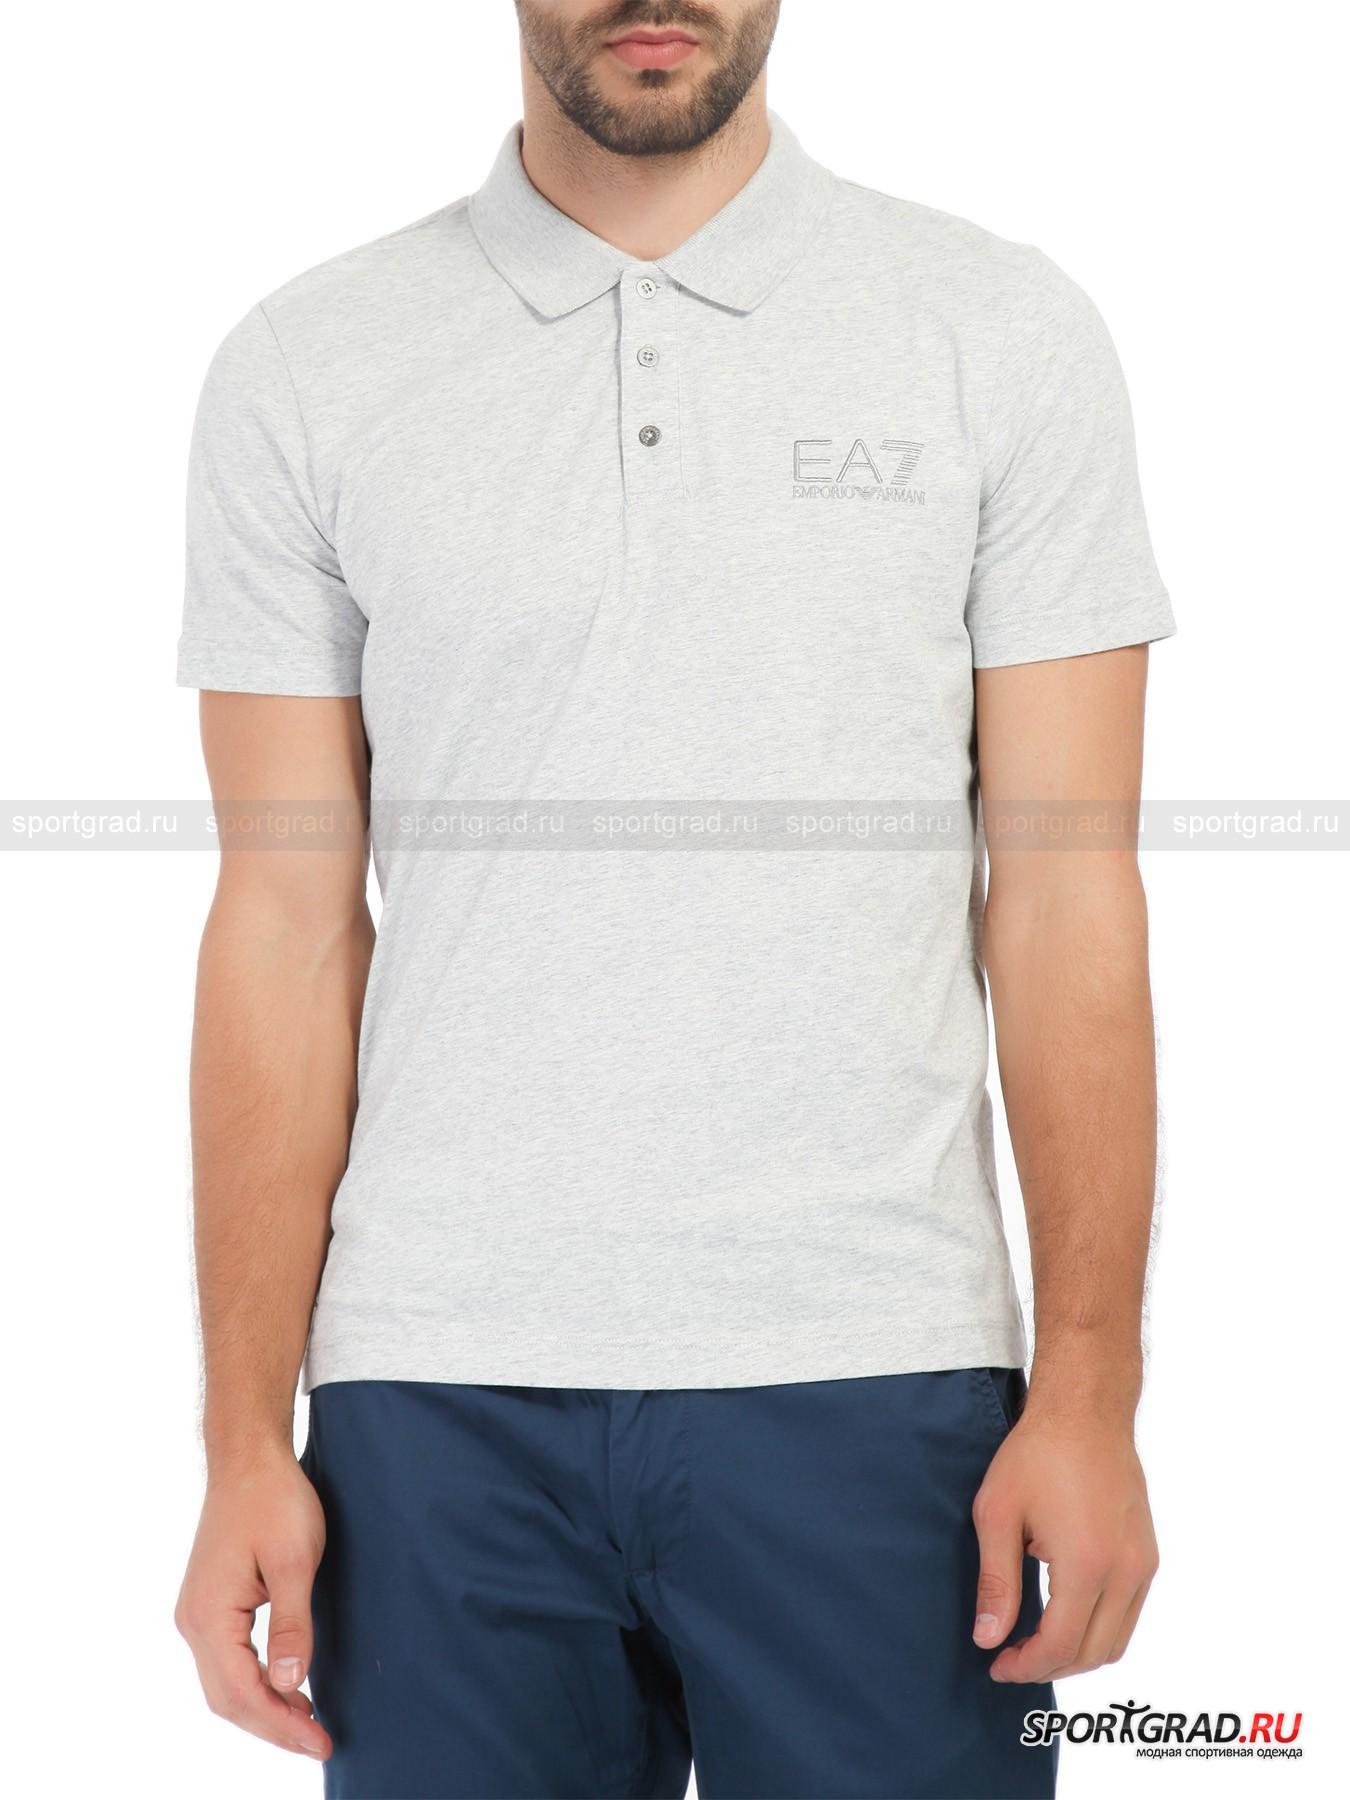 ���� ������� Train Core Plus Polo Shirt EA7 Emporio Armani